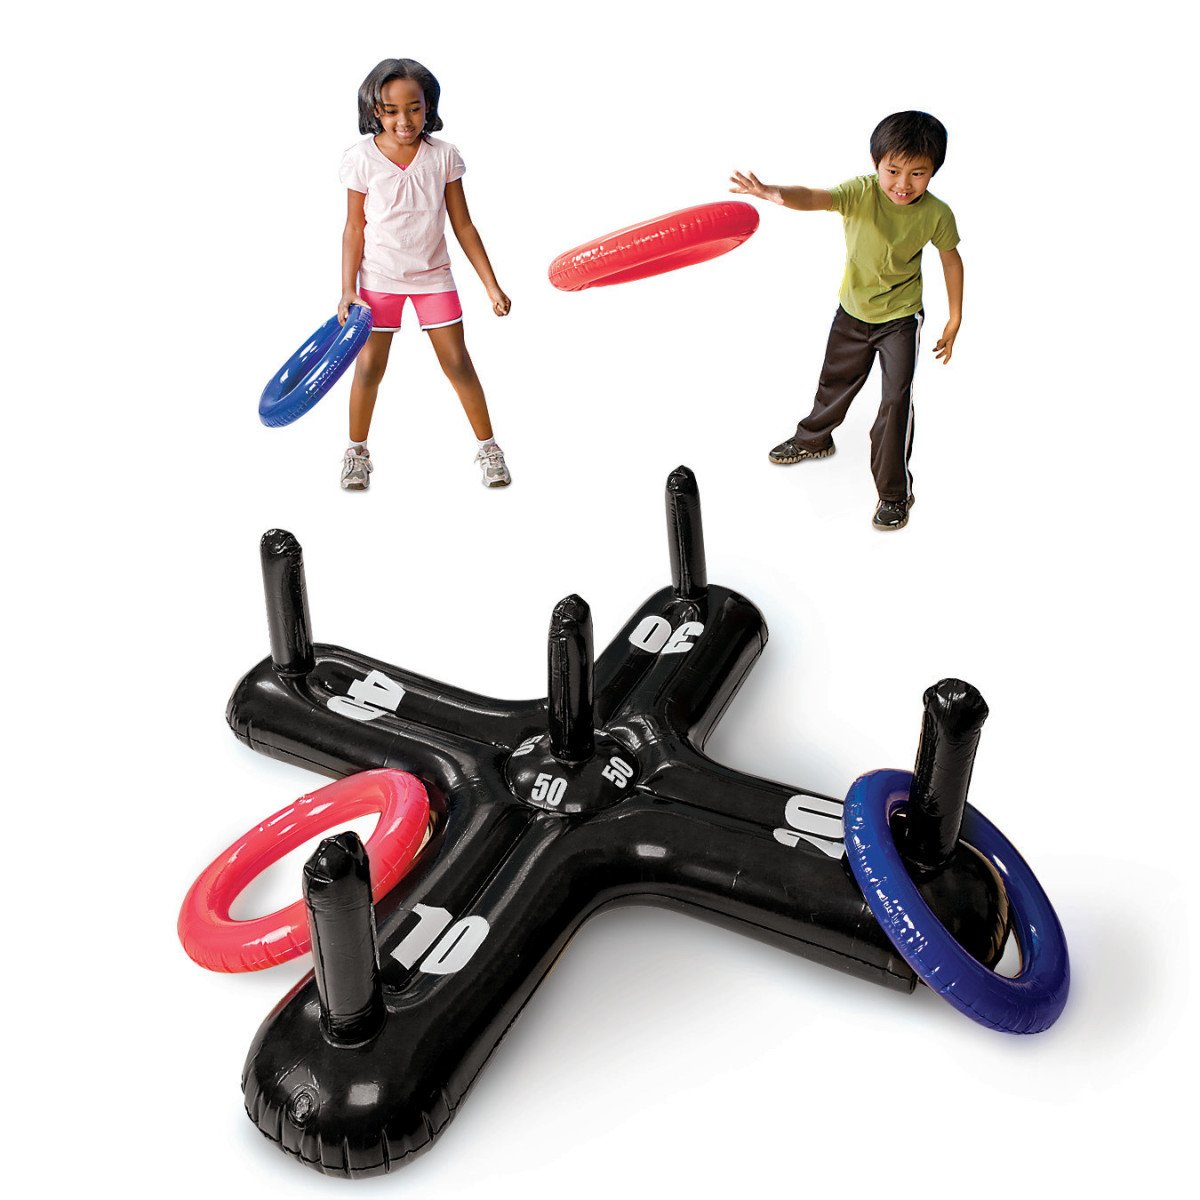 S&S Worldwide Jumbo Inflatable Ring Toss